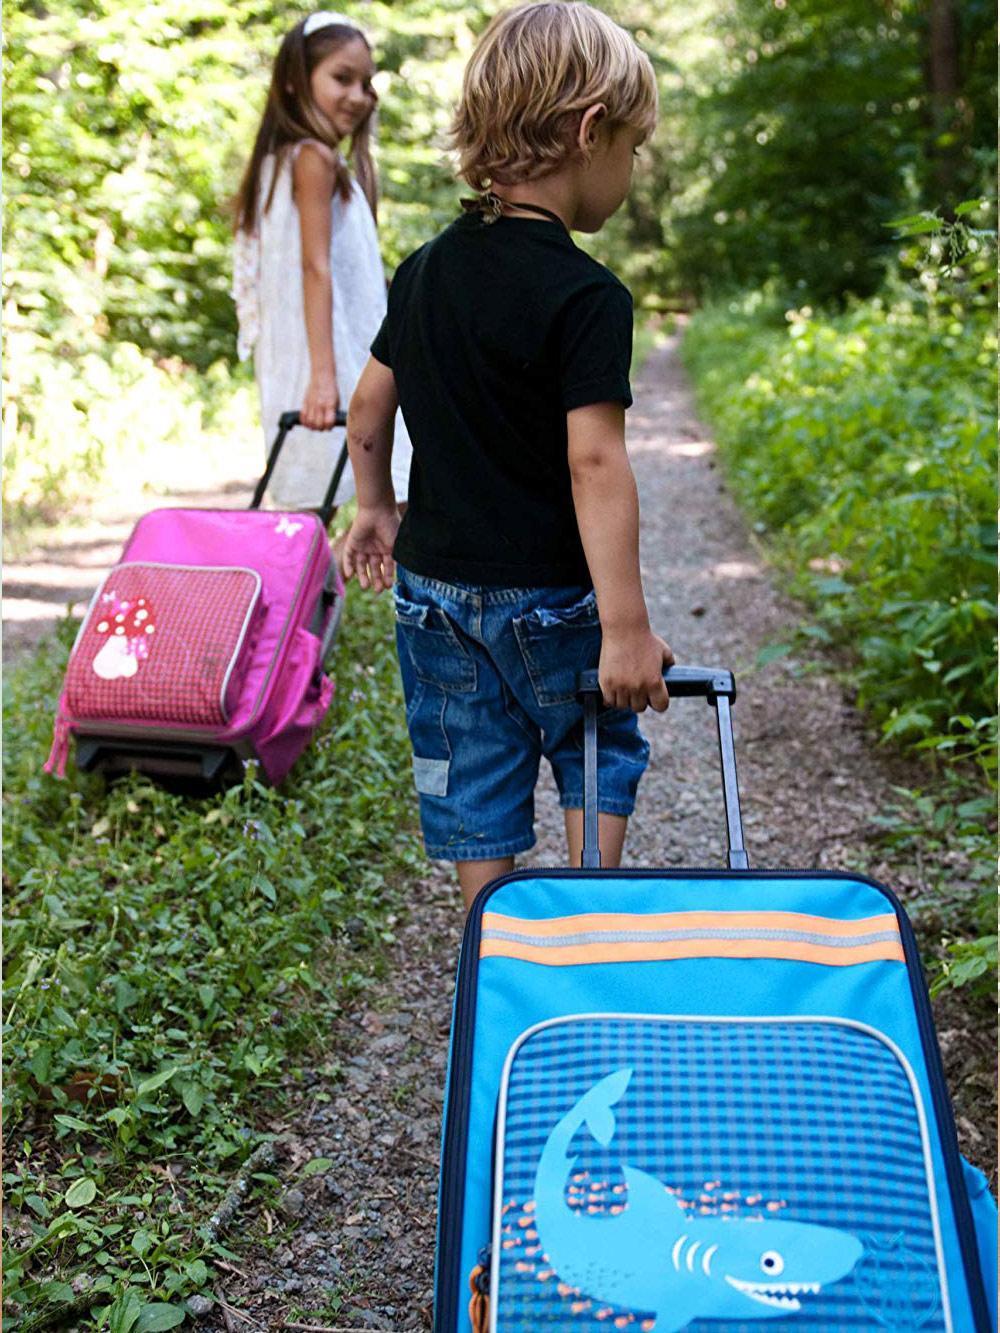 レッシグの子供用キャリーバッグ シャーク